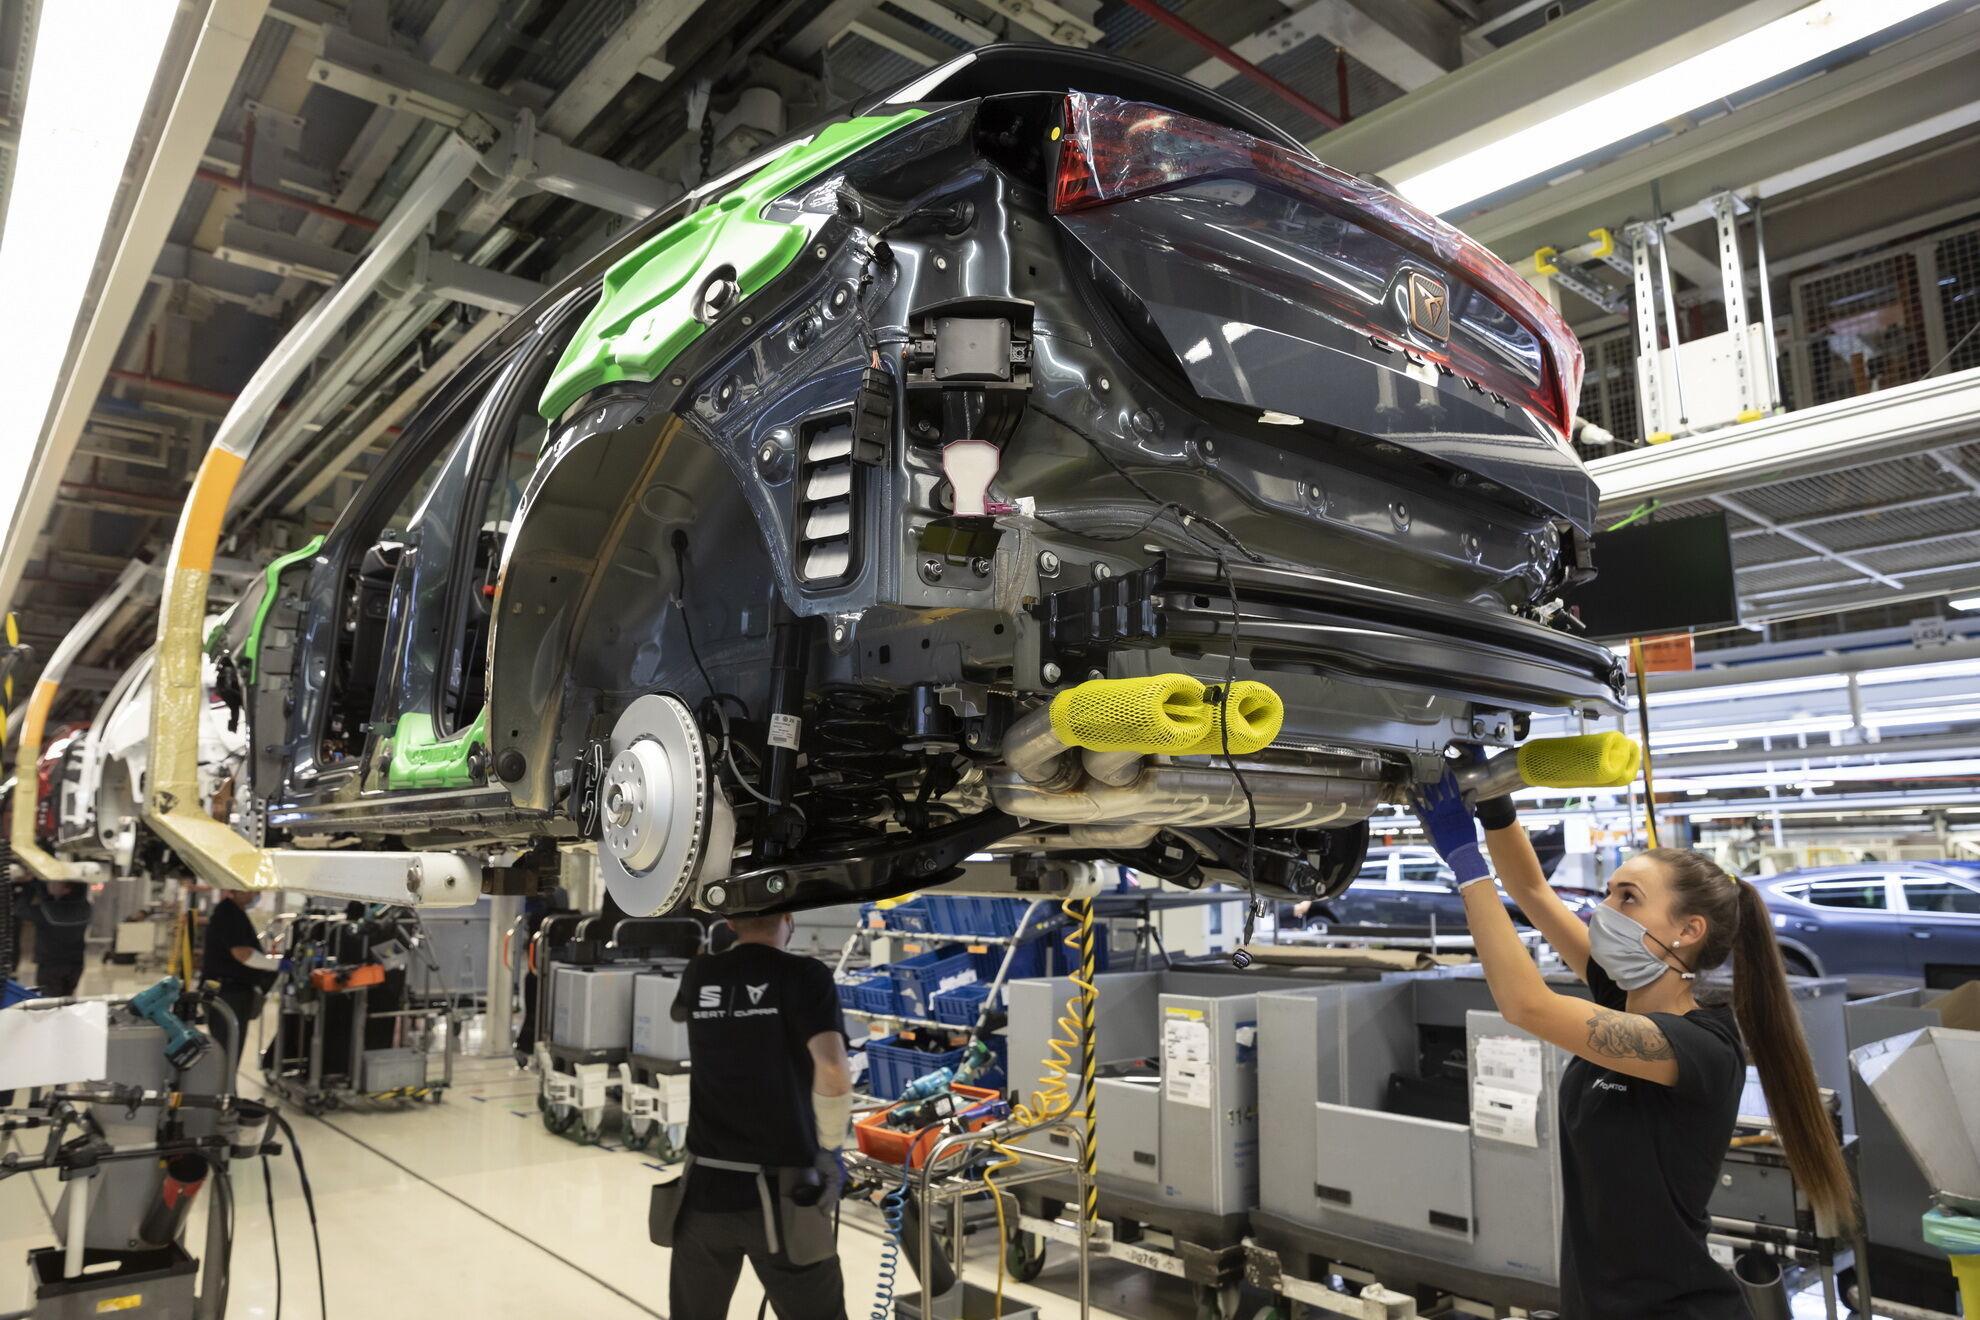 Компанія Cupra запустила в серійне виробництво компактний кросовер Formentor. Фото: